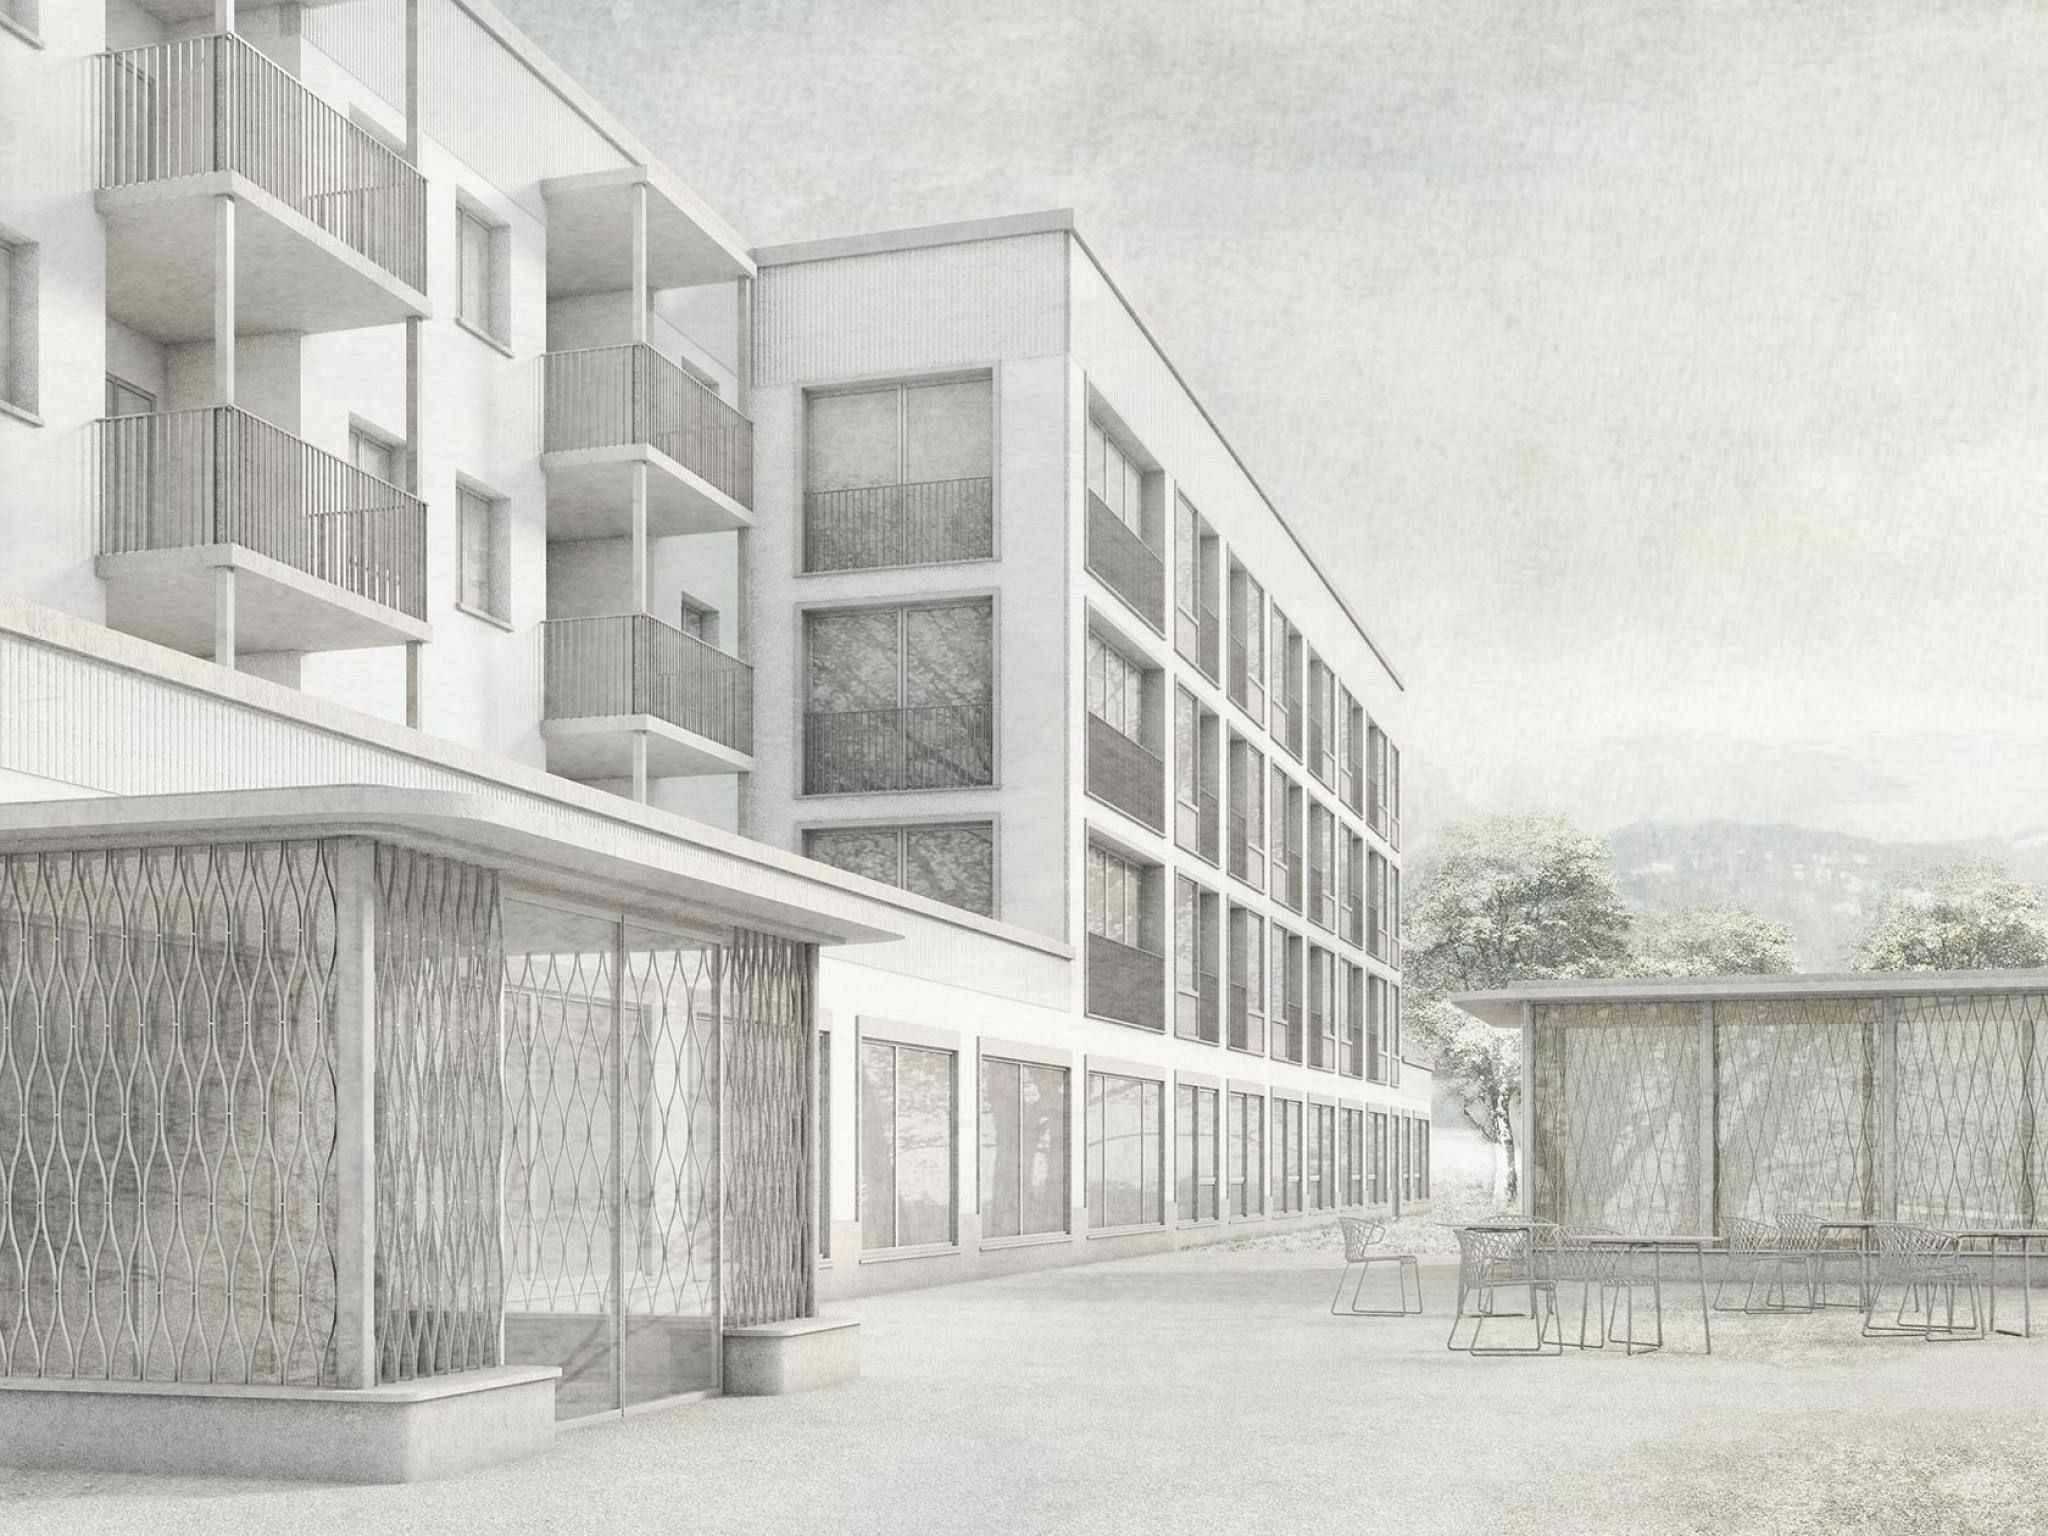 Mehr Wohnraum Für Neukölln   EM2N Gewinnen Wettbewerb In Berlin    Architecture